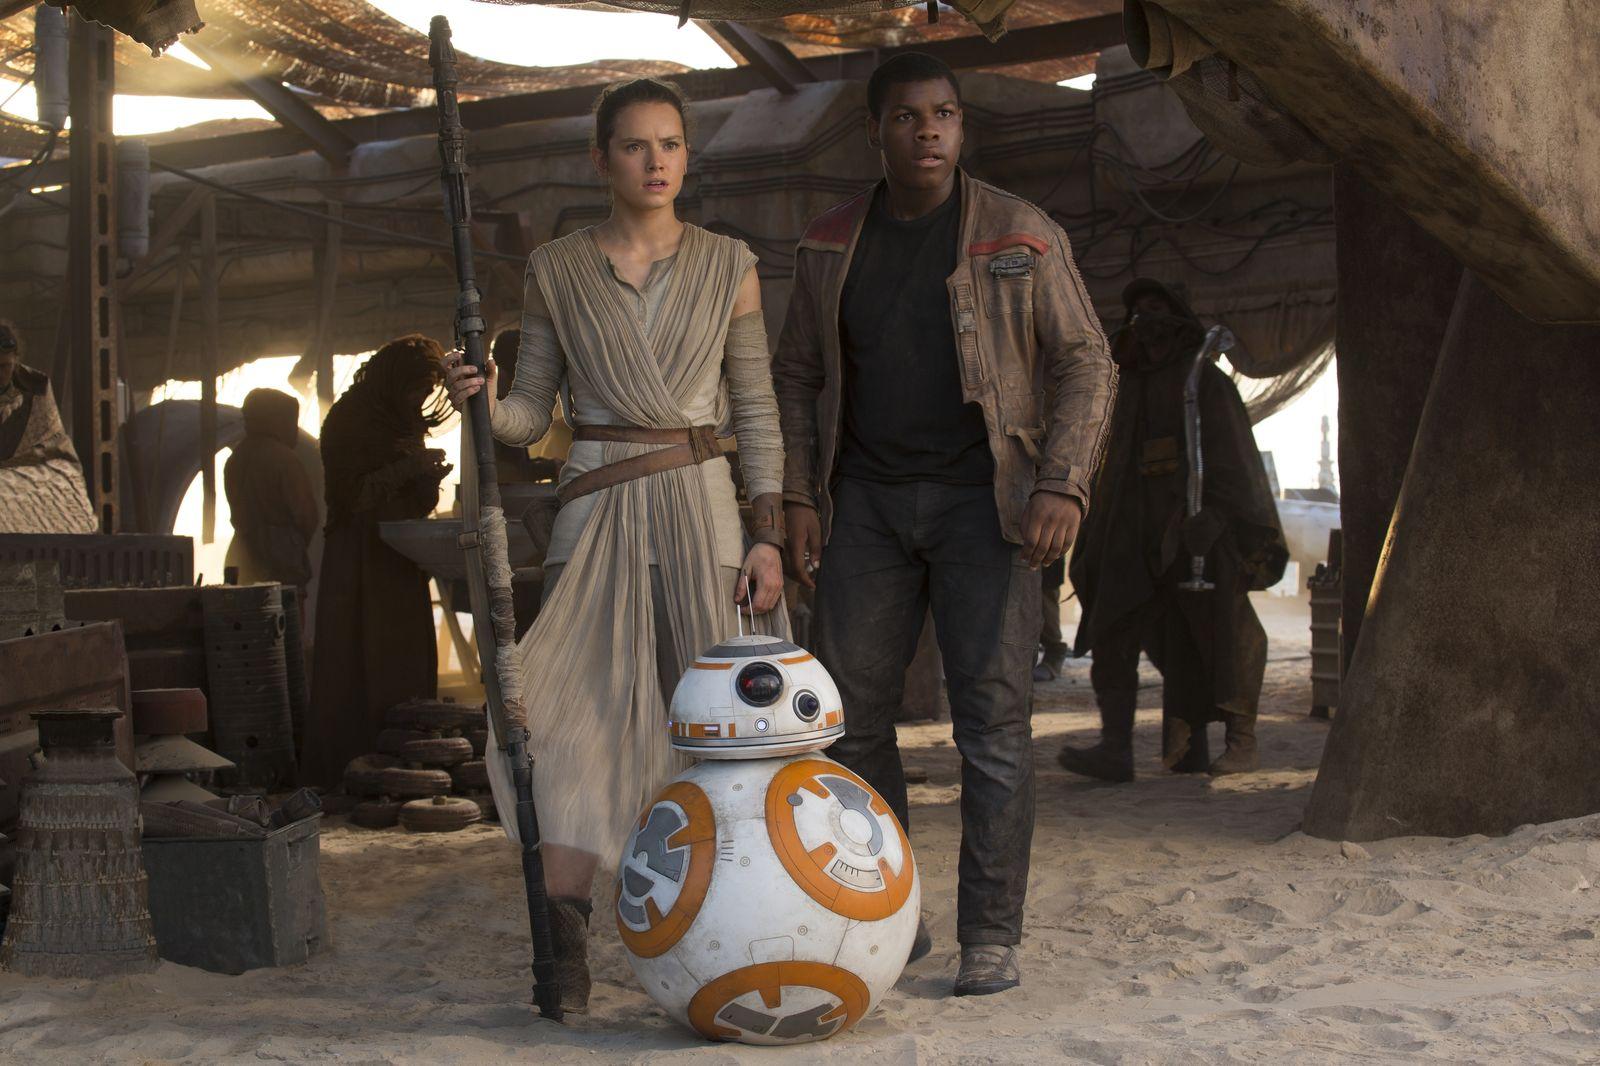 Rey, Finn e BB-8 em cena de Star Wars: Episódio VII - O Despertar da Força (photo by cinemagia.ro)